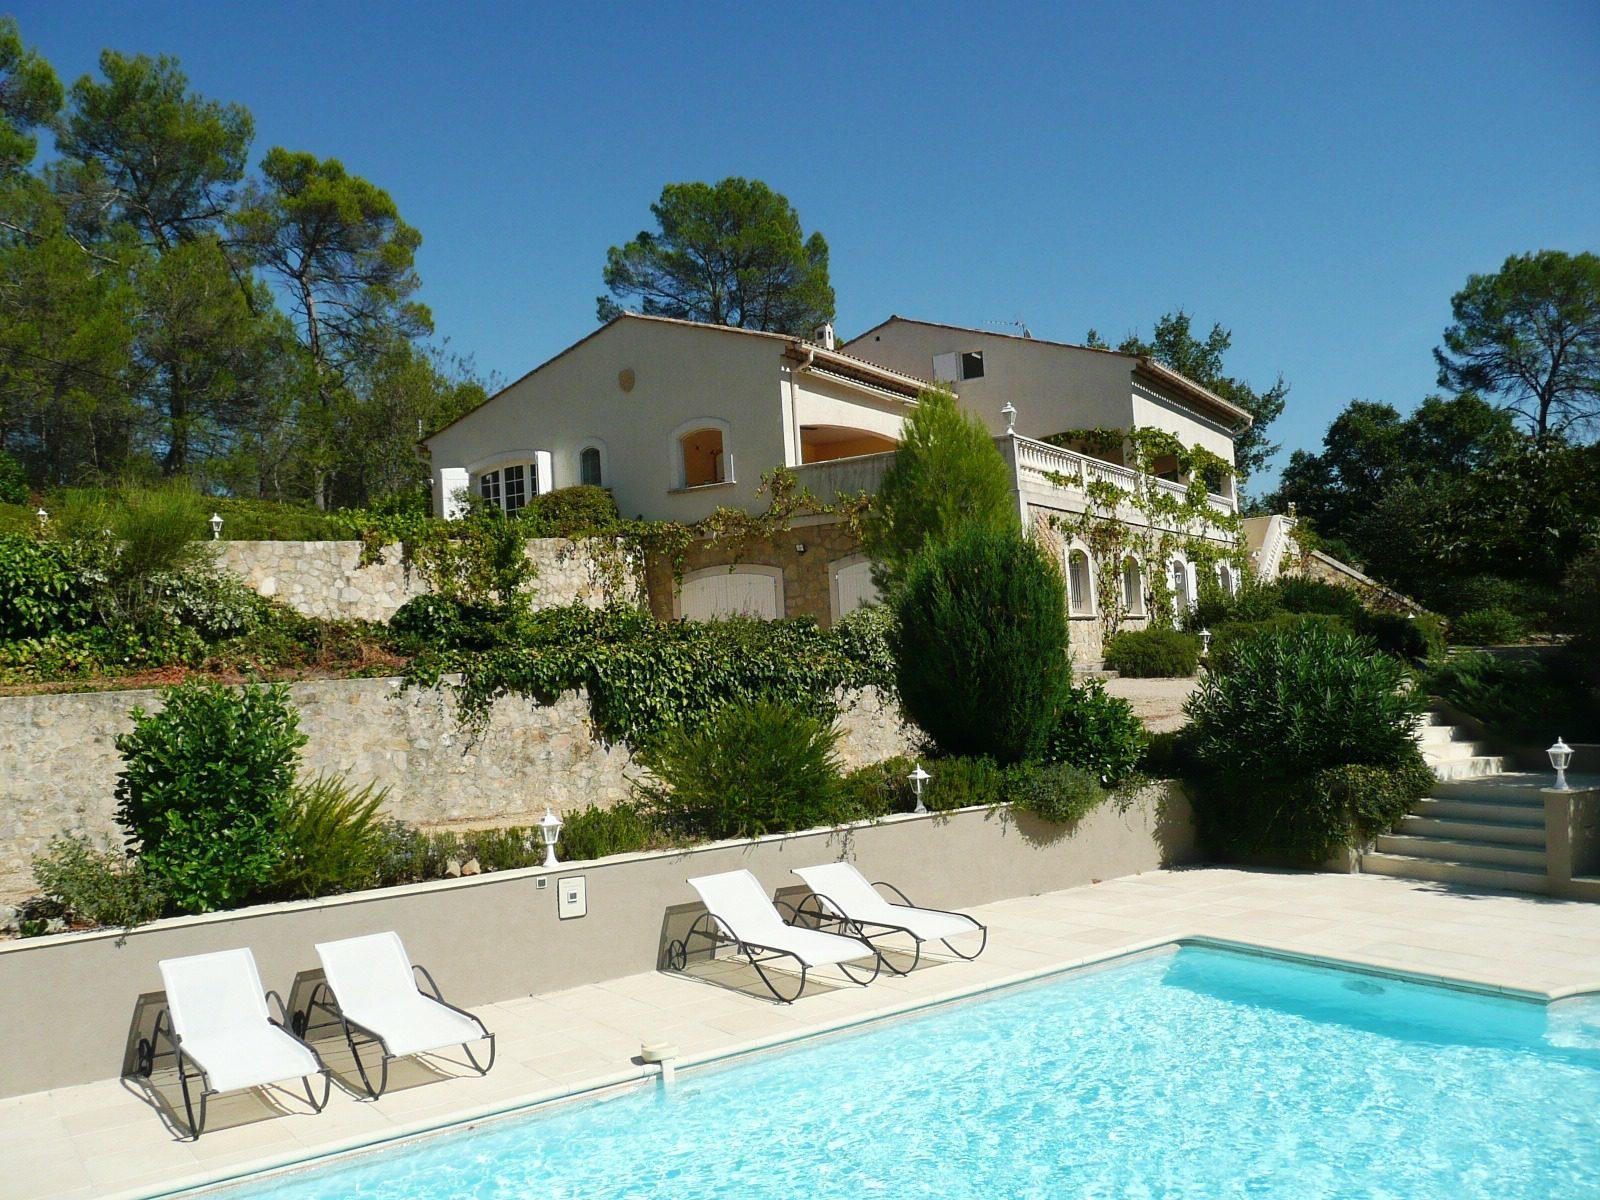 Vakantiehuis met zwembad in Frankrijk